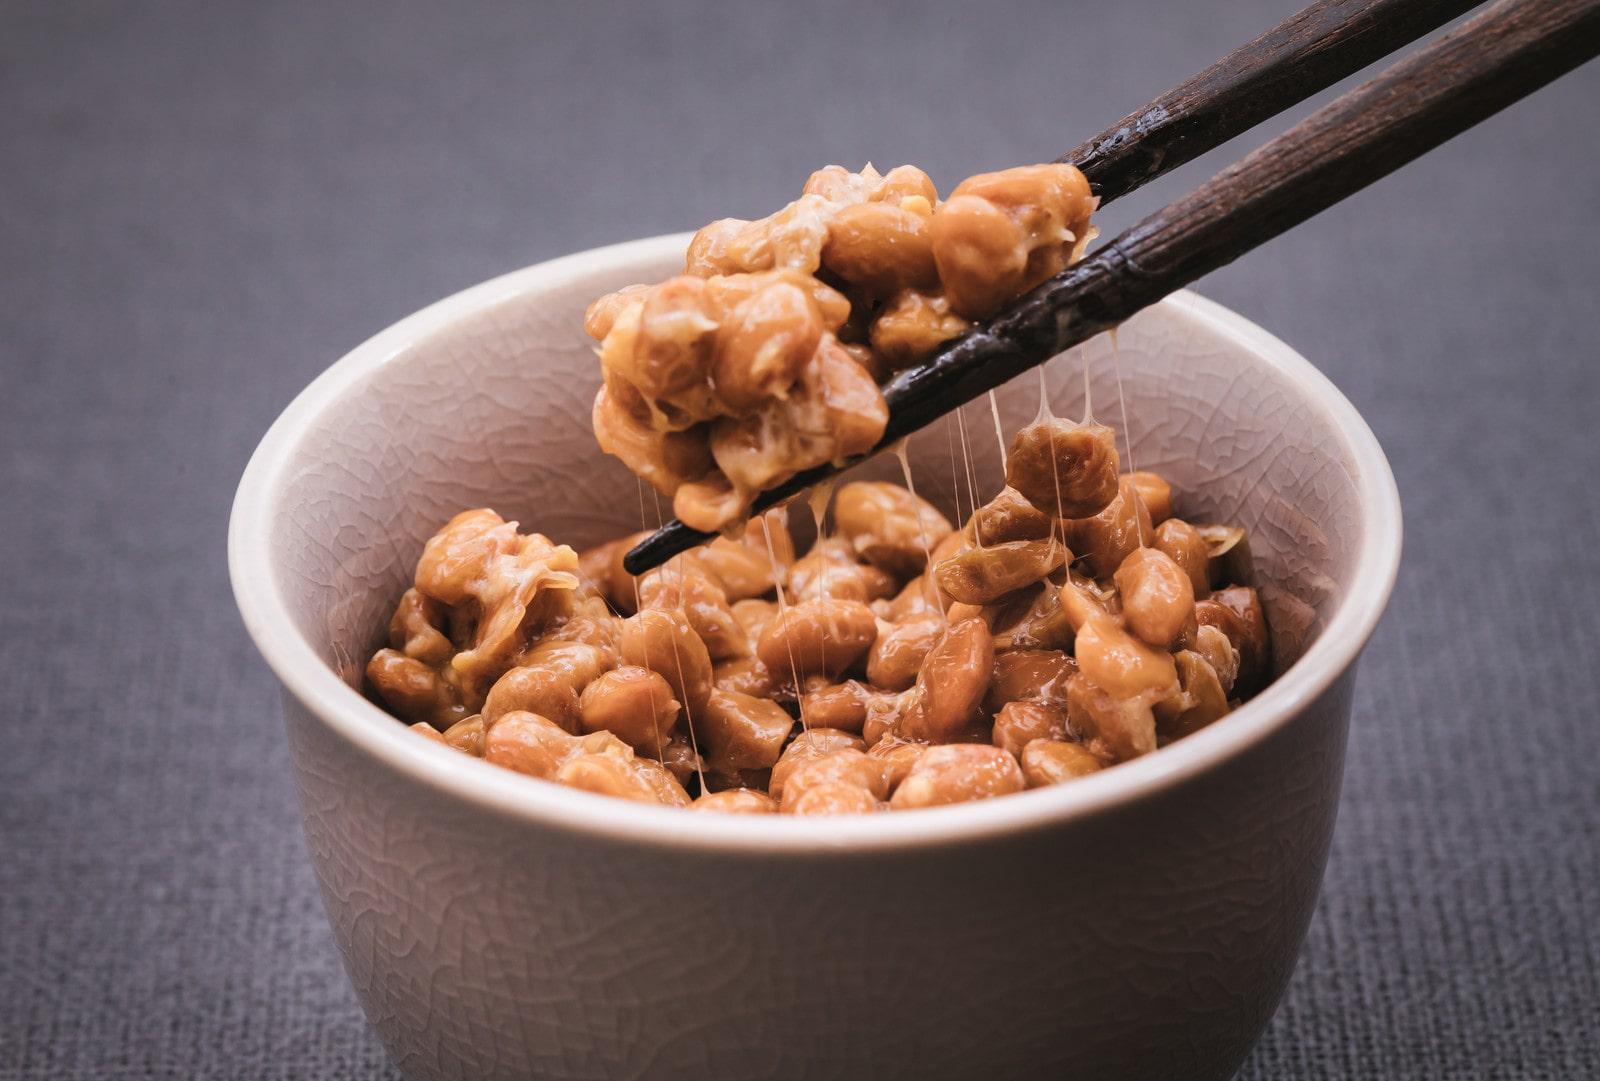 嫌いだった「納豆」を5年間食べ続けてとても体調が良くなった話